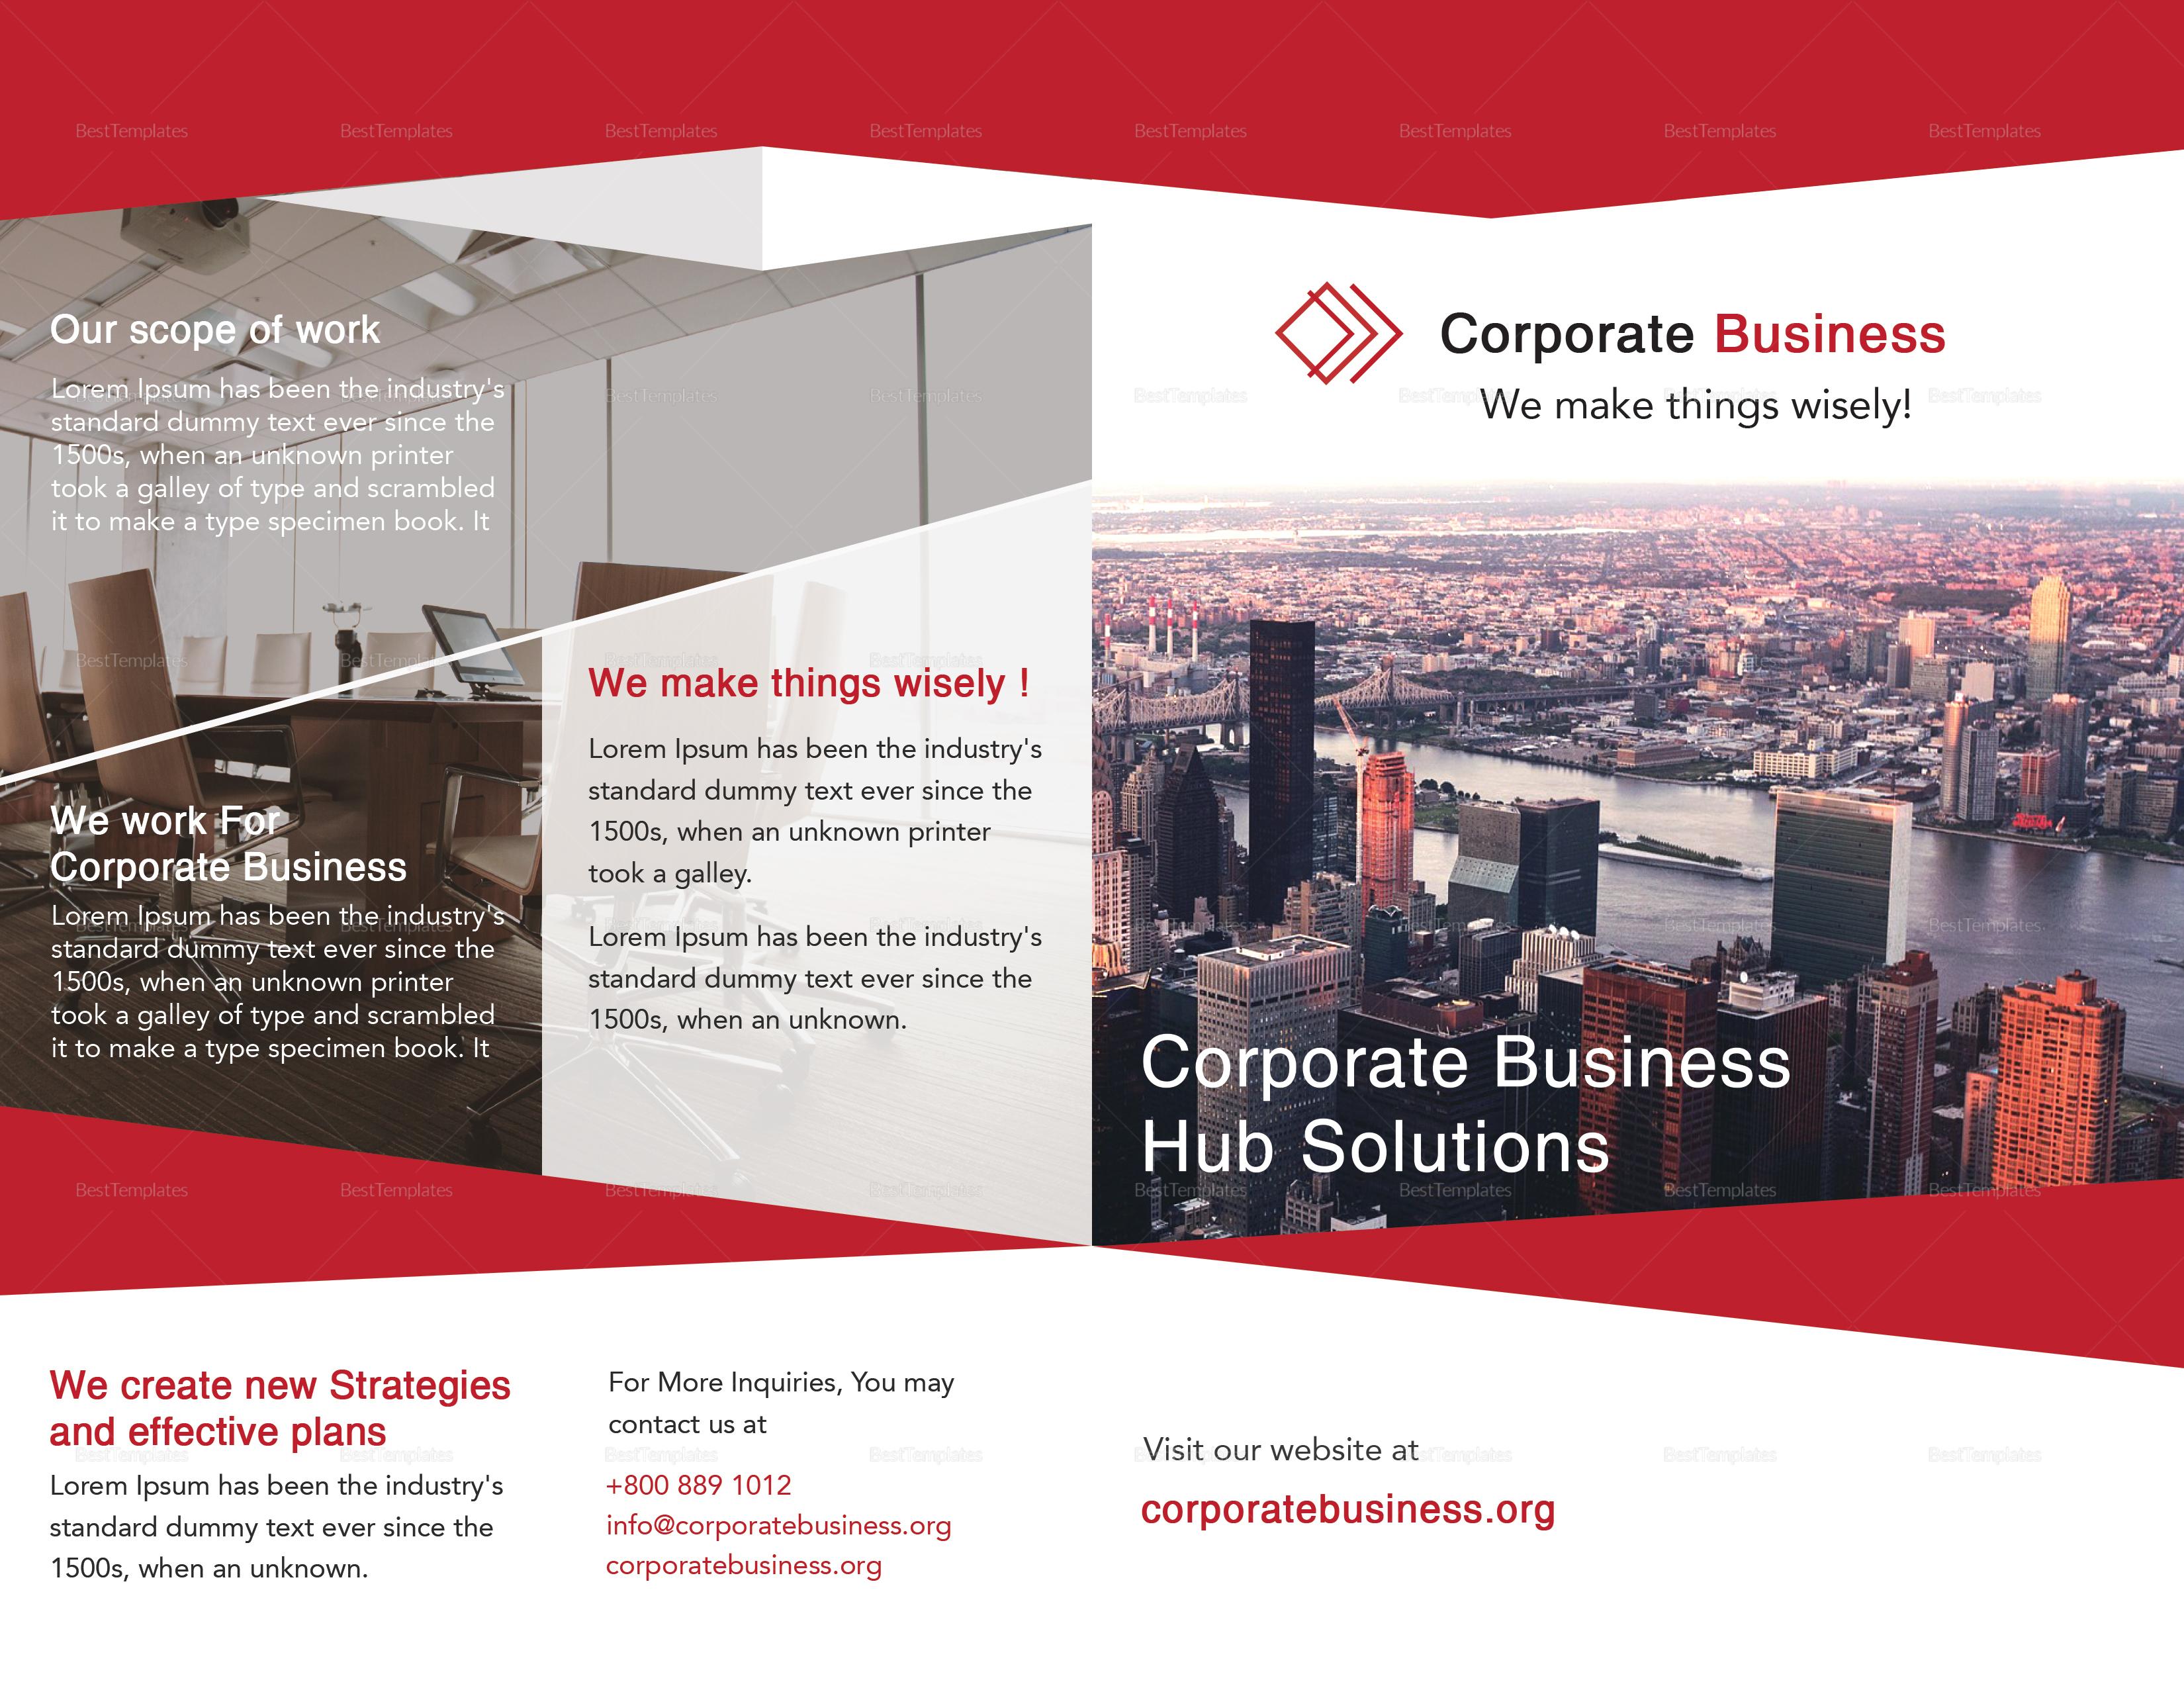 Bi-Fold Corporate Business Brochure Design Template